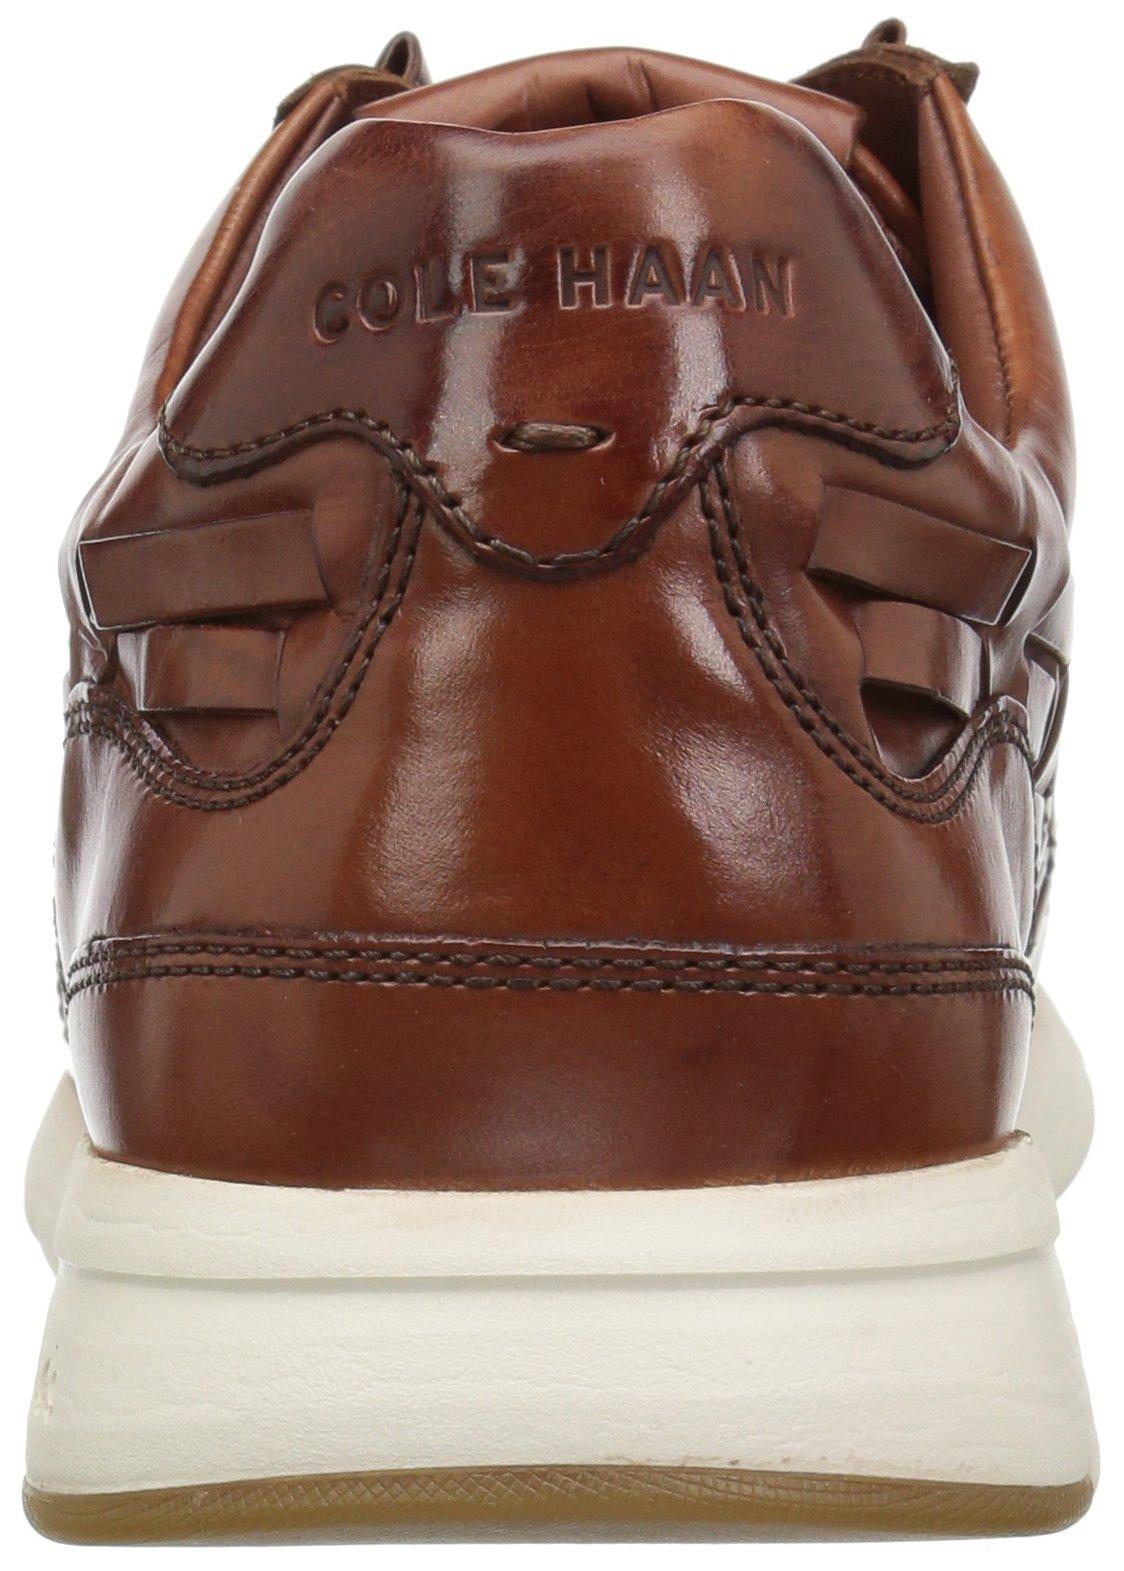 Cole Haan Men's Grandpro Runner Huarache Sneaker, Woodbury Woven Burnish, 12 Medium US by Cole Haan (Image #2)